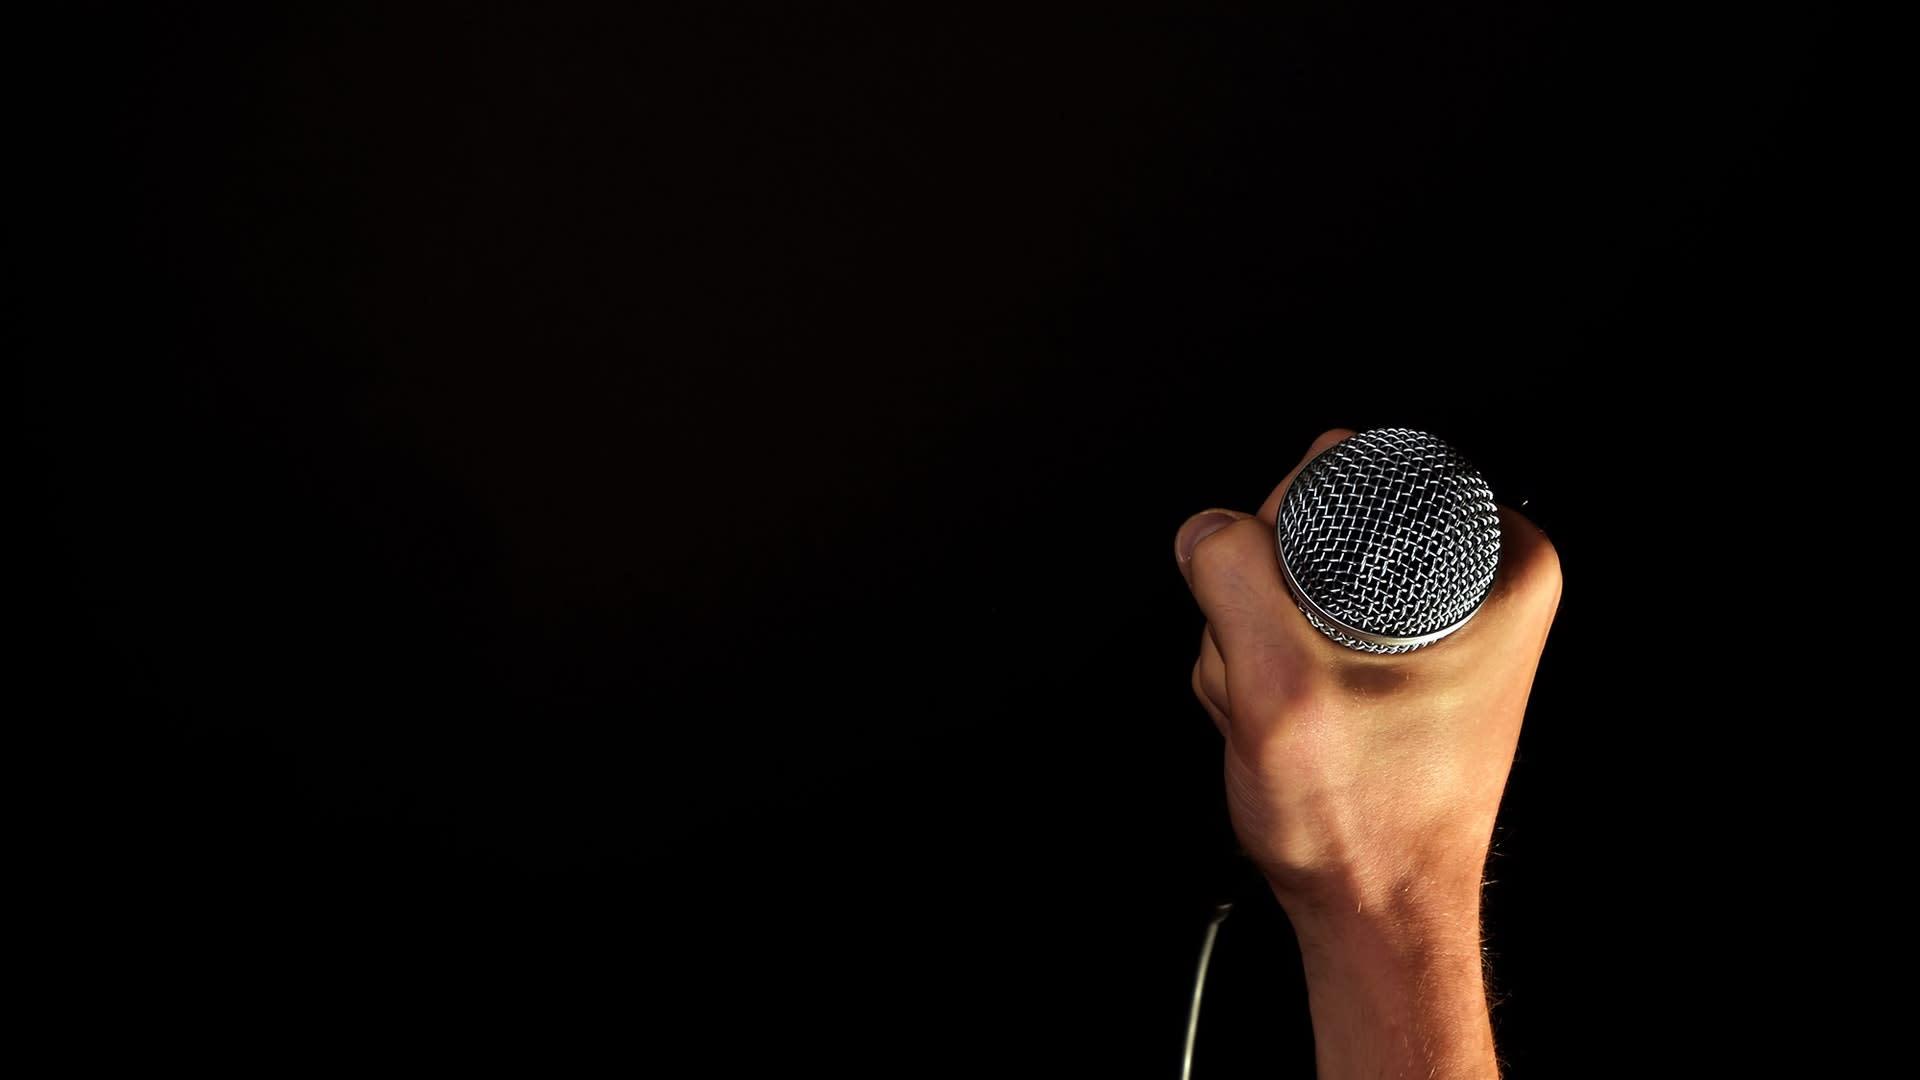 Ravenna: attori e comparse per video musicale di un noto cantante